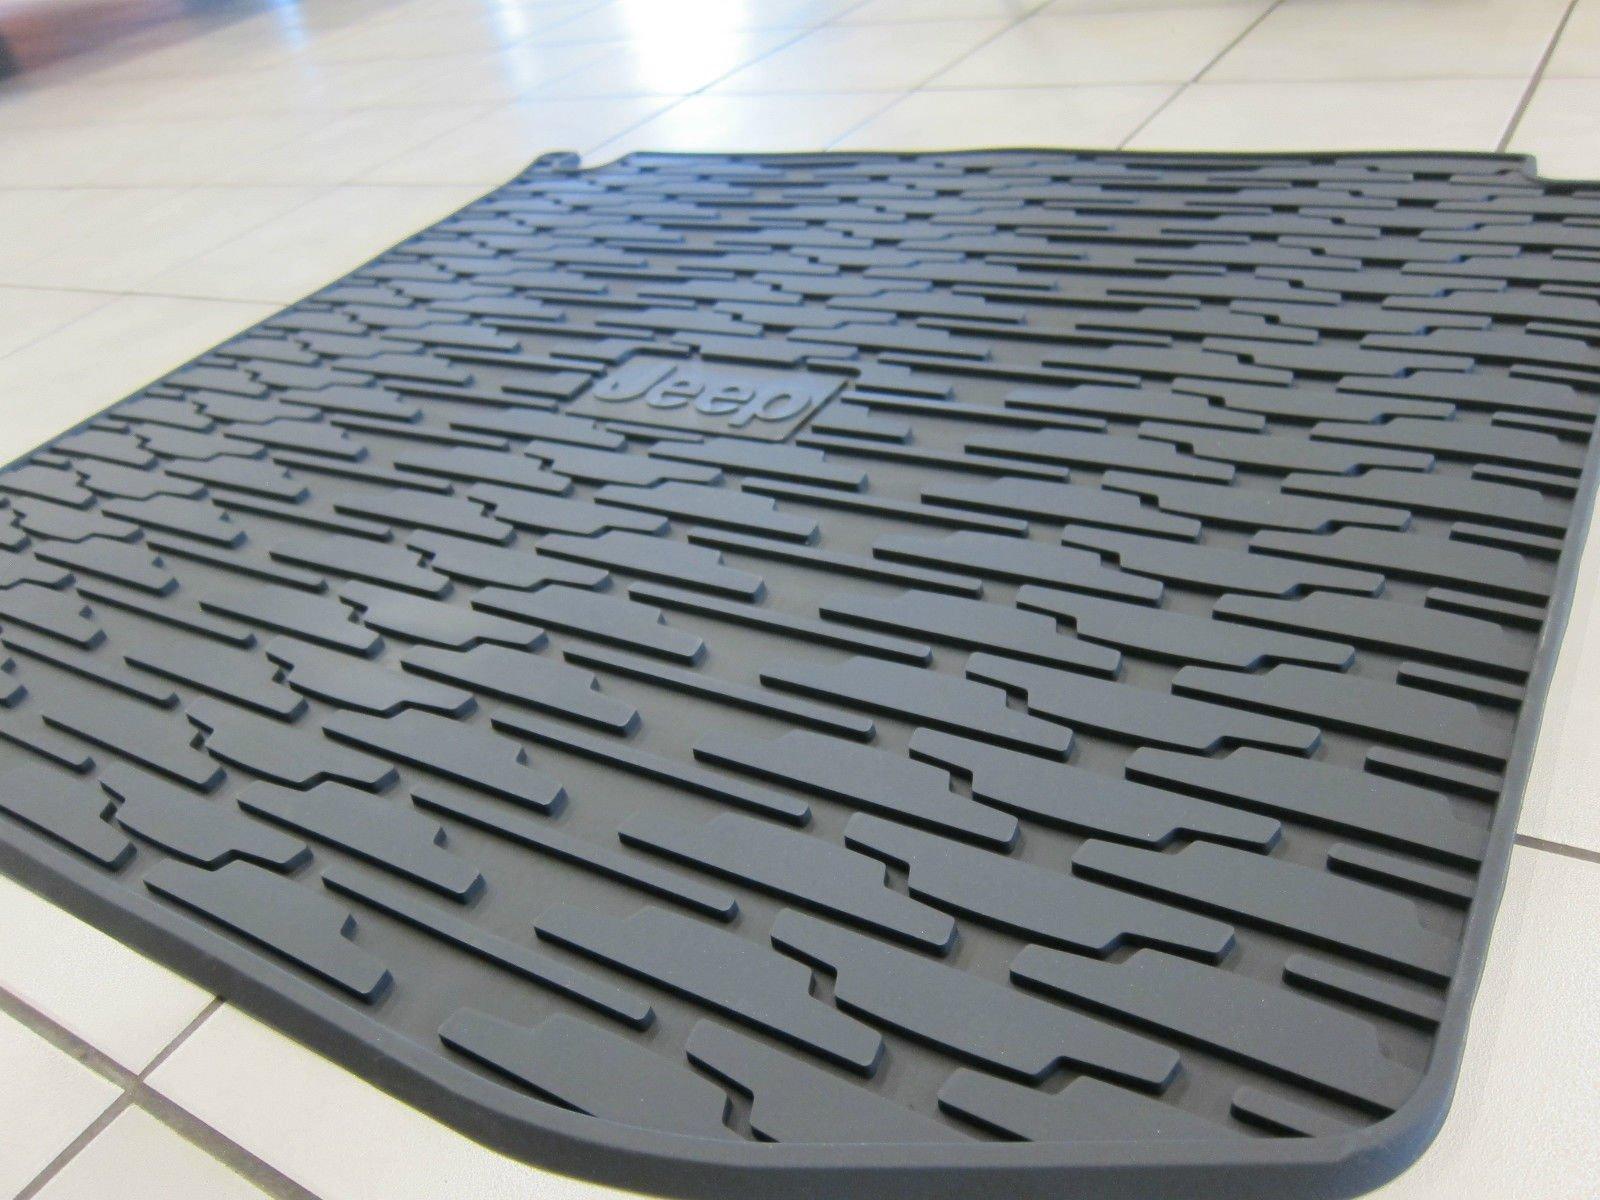 Jeep Grand Cherokee Rubber Slush Floor Mats & Cargo Tray Liner Set Mopar by Mopar (Image #6)